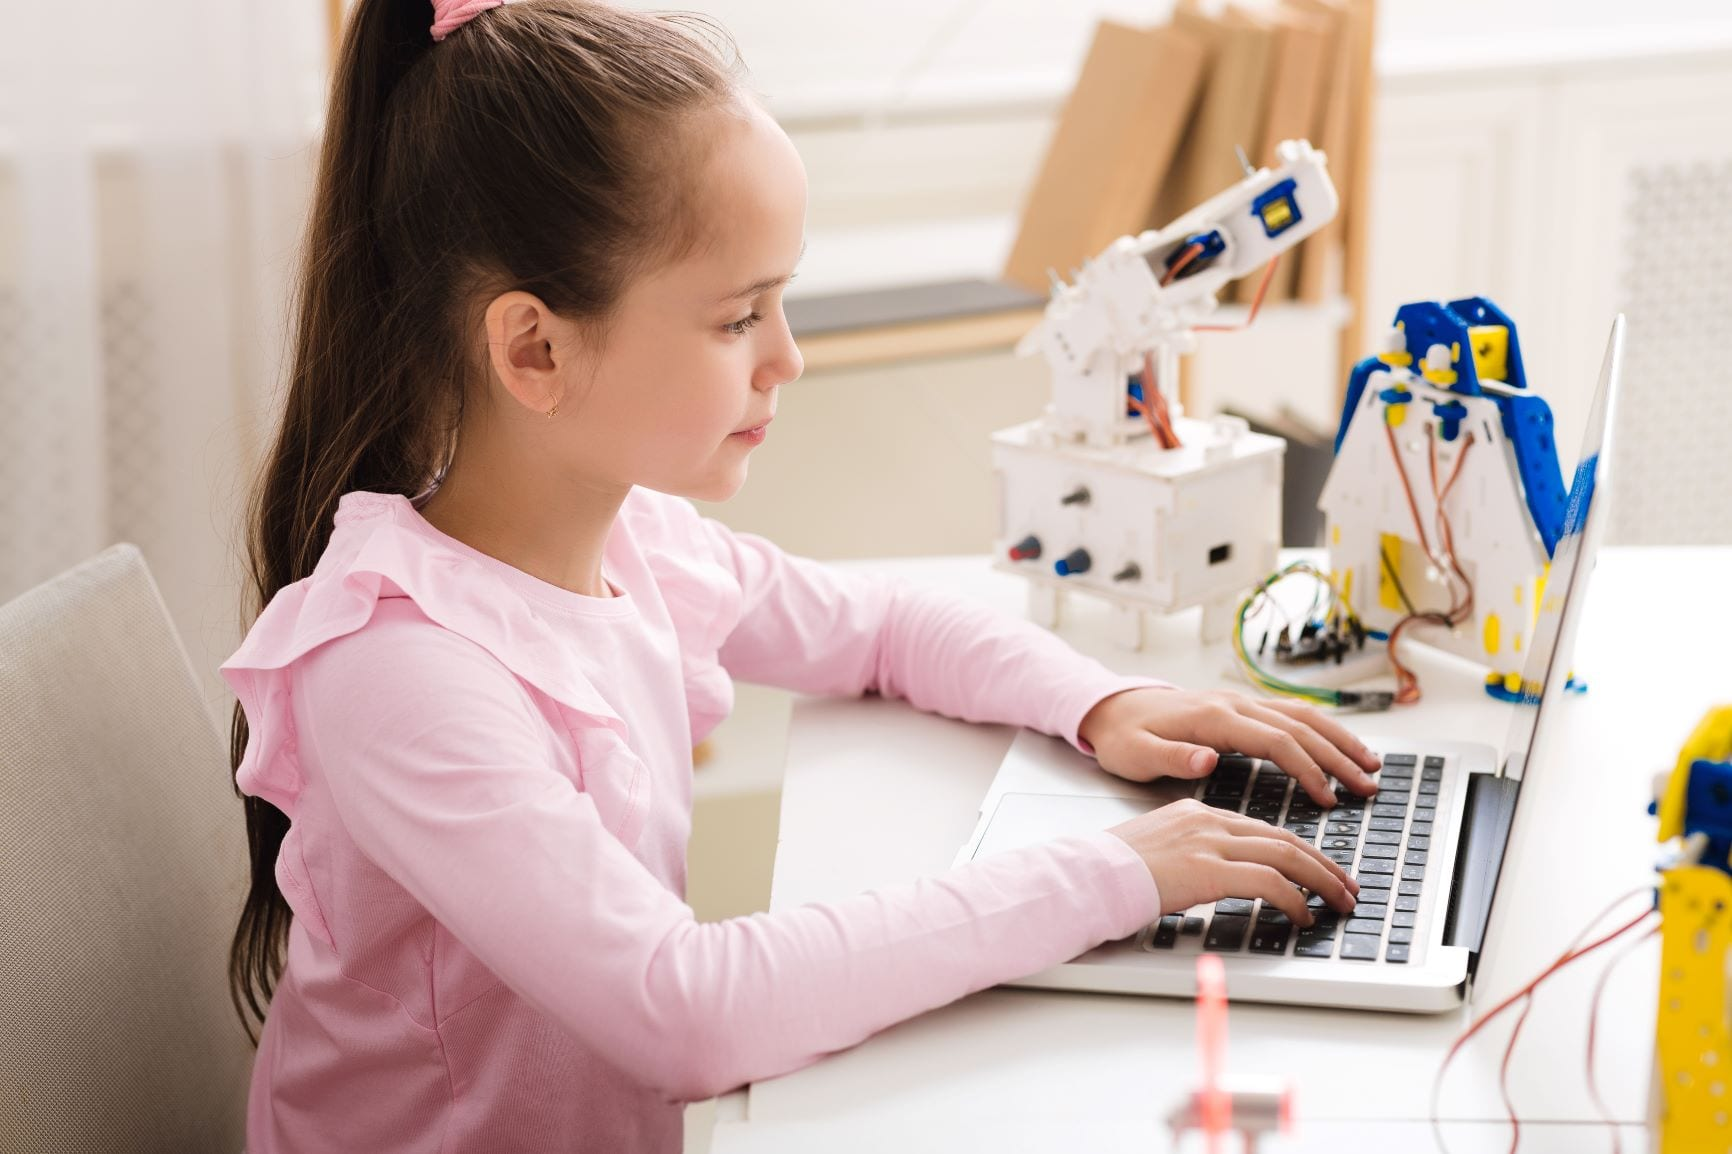 aulas de programação online